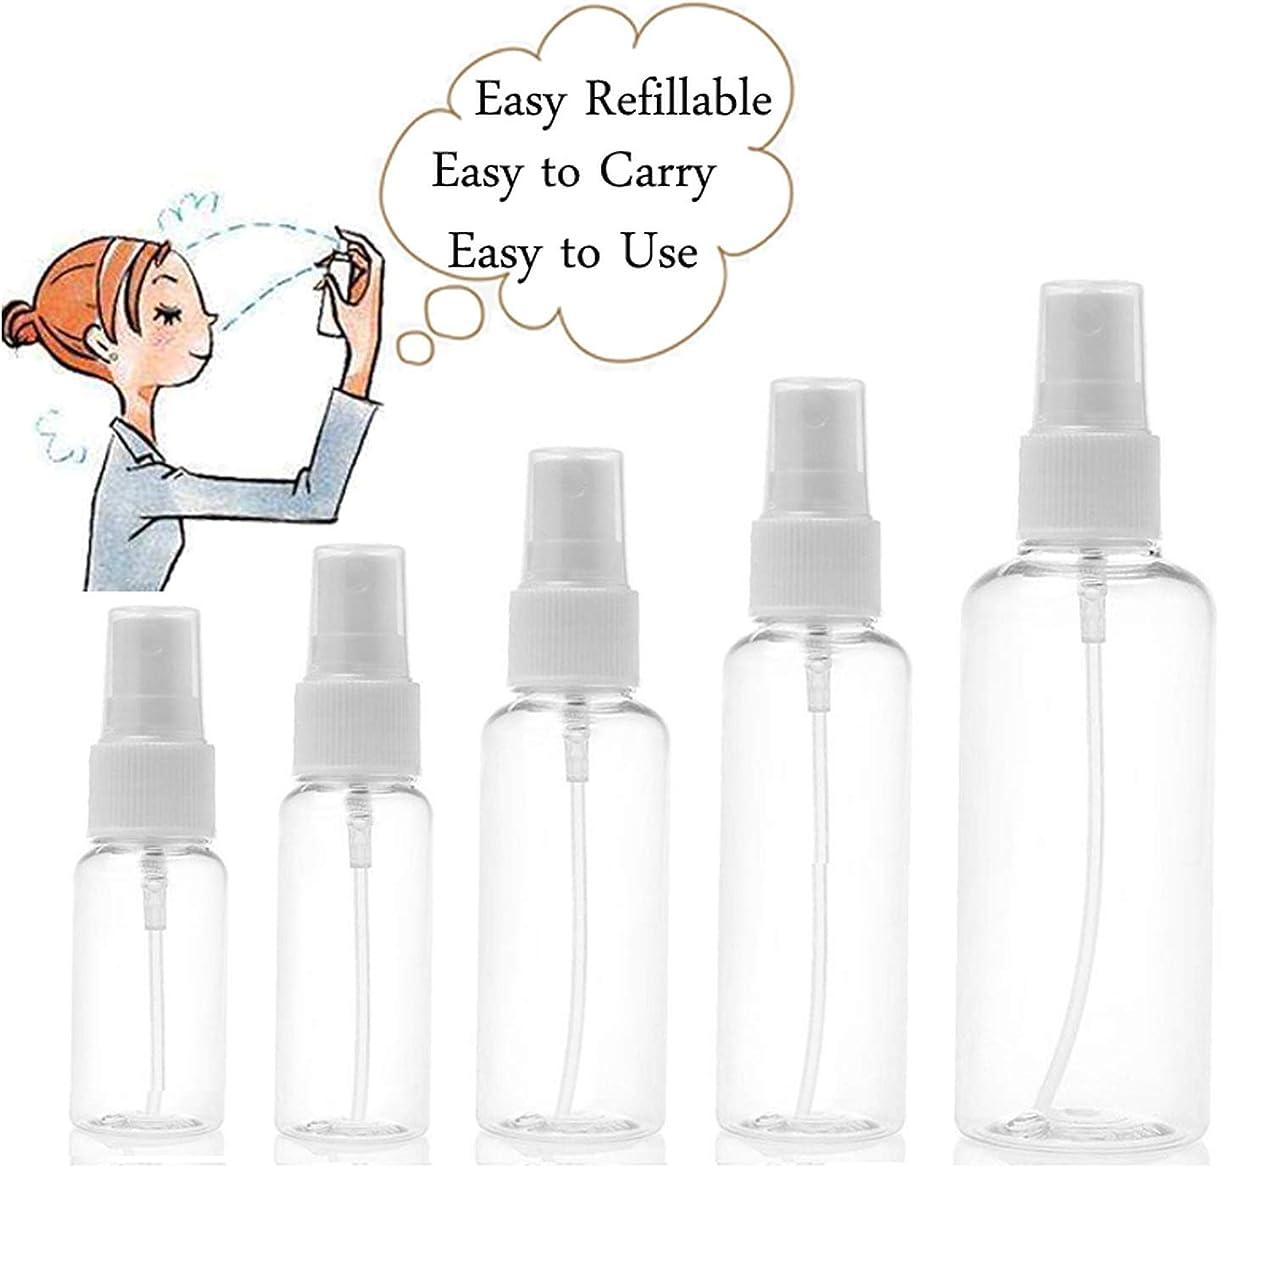 クリニーク10mlの30ミリリットル50ミリリットルの60ミリリットルの100ミリリットルクリアプラスチックポータブルスプレーボトル空の香水ボトル詰め替えミストポンプ香水アトマイザー、100ミリリットル